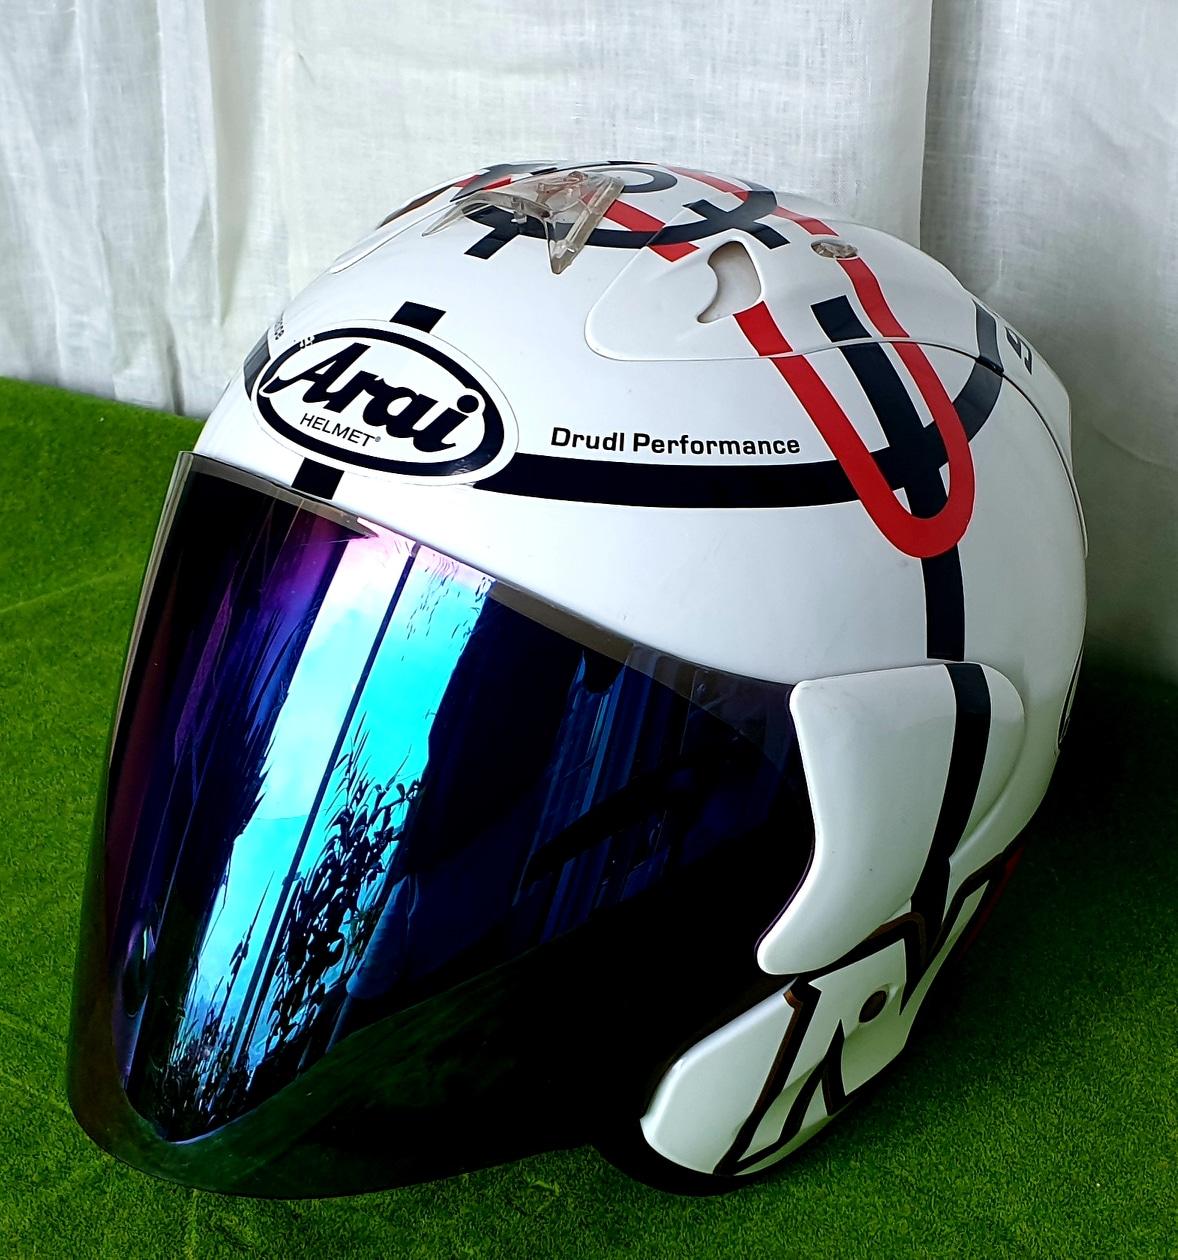 오토바이 헬멧 M사이즈 판매합니다